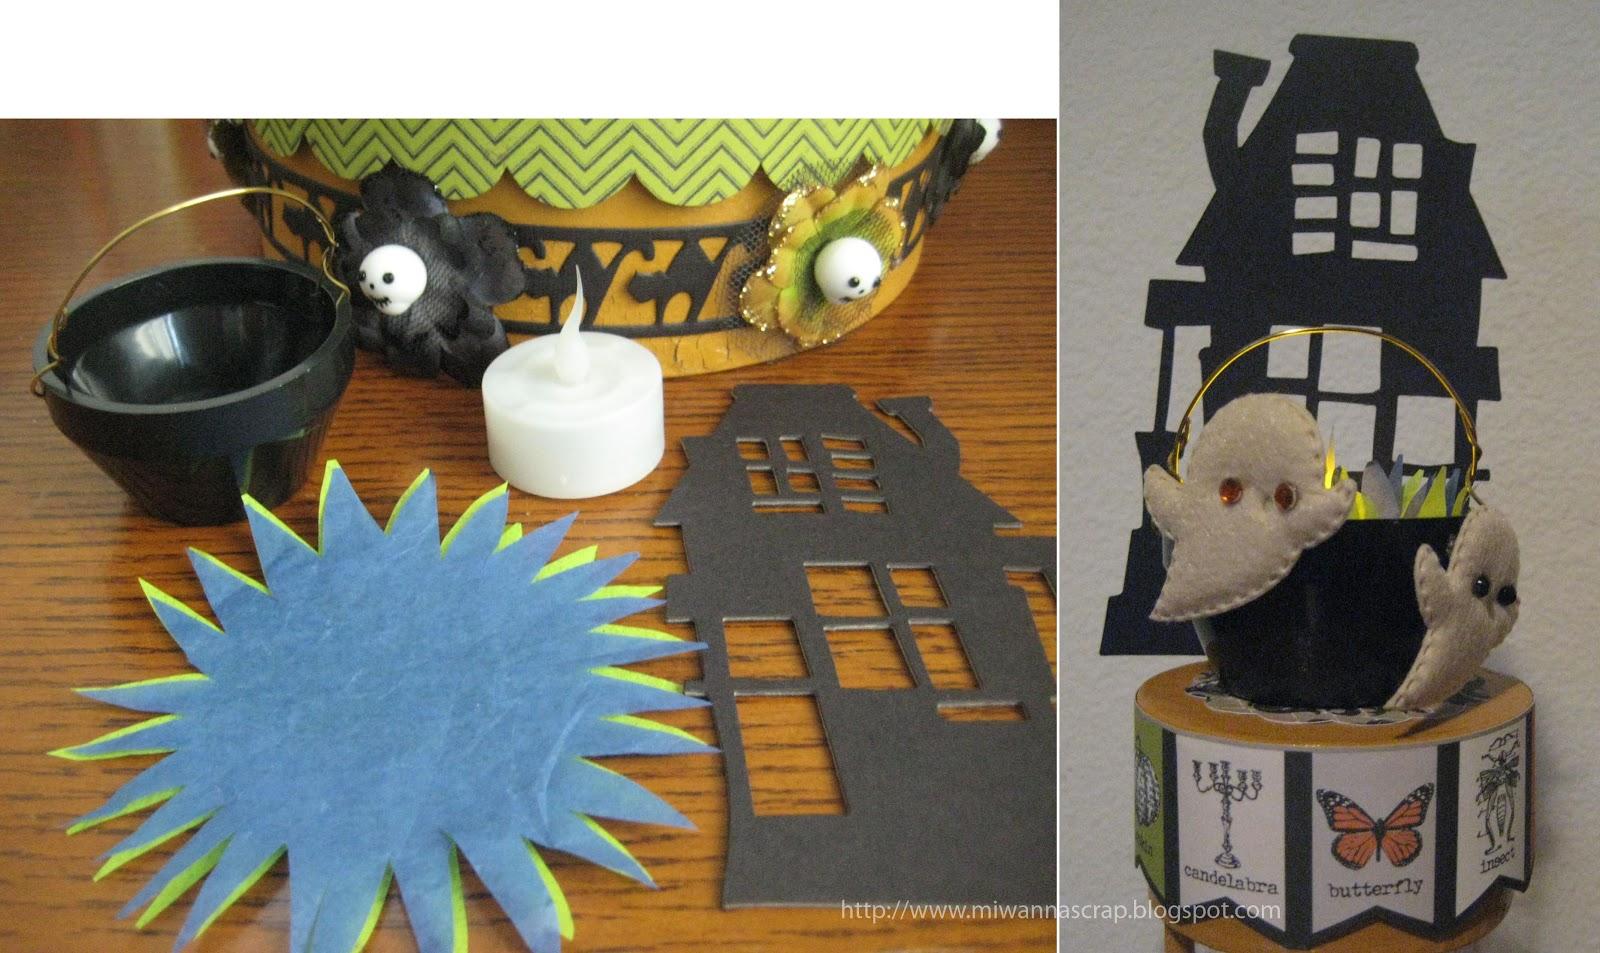 http://2.bp.blogspot.com/-_brvvbDsJ2M/UHiVfpTP7wI/AAAAAAAACFw/XvPt1ZH0V0g/s1600/Step+5+-+Making+the+Cake+Topper.jpg